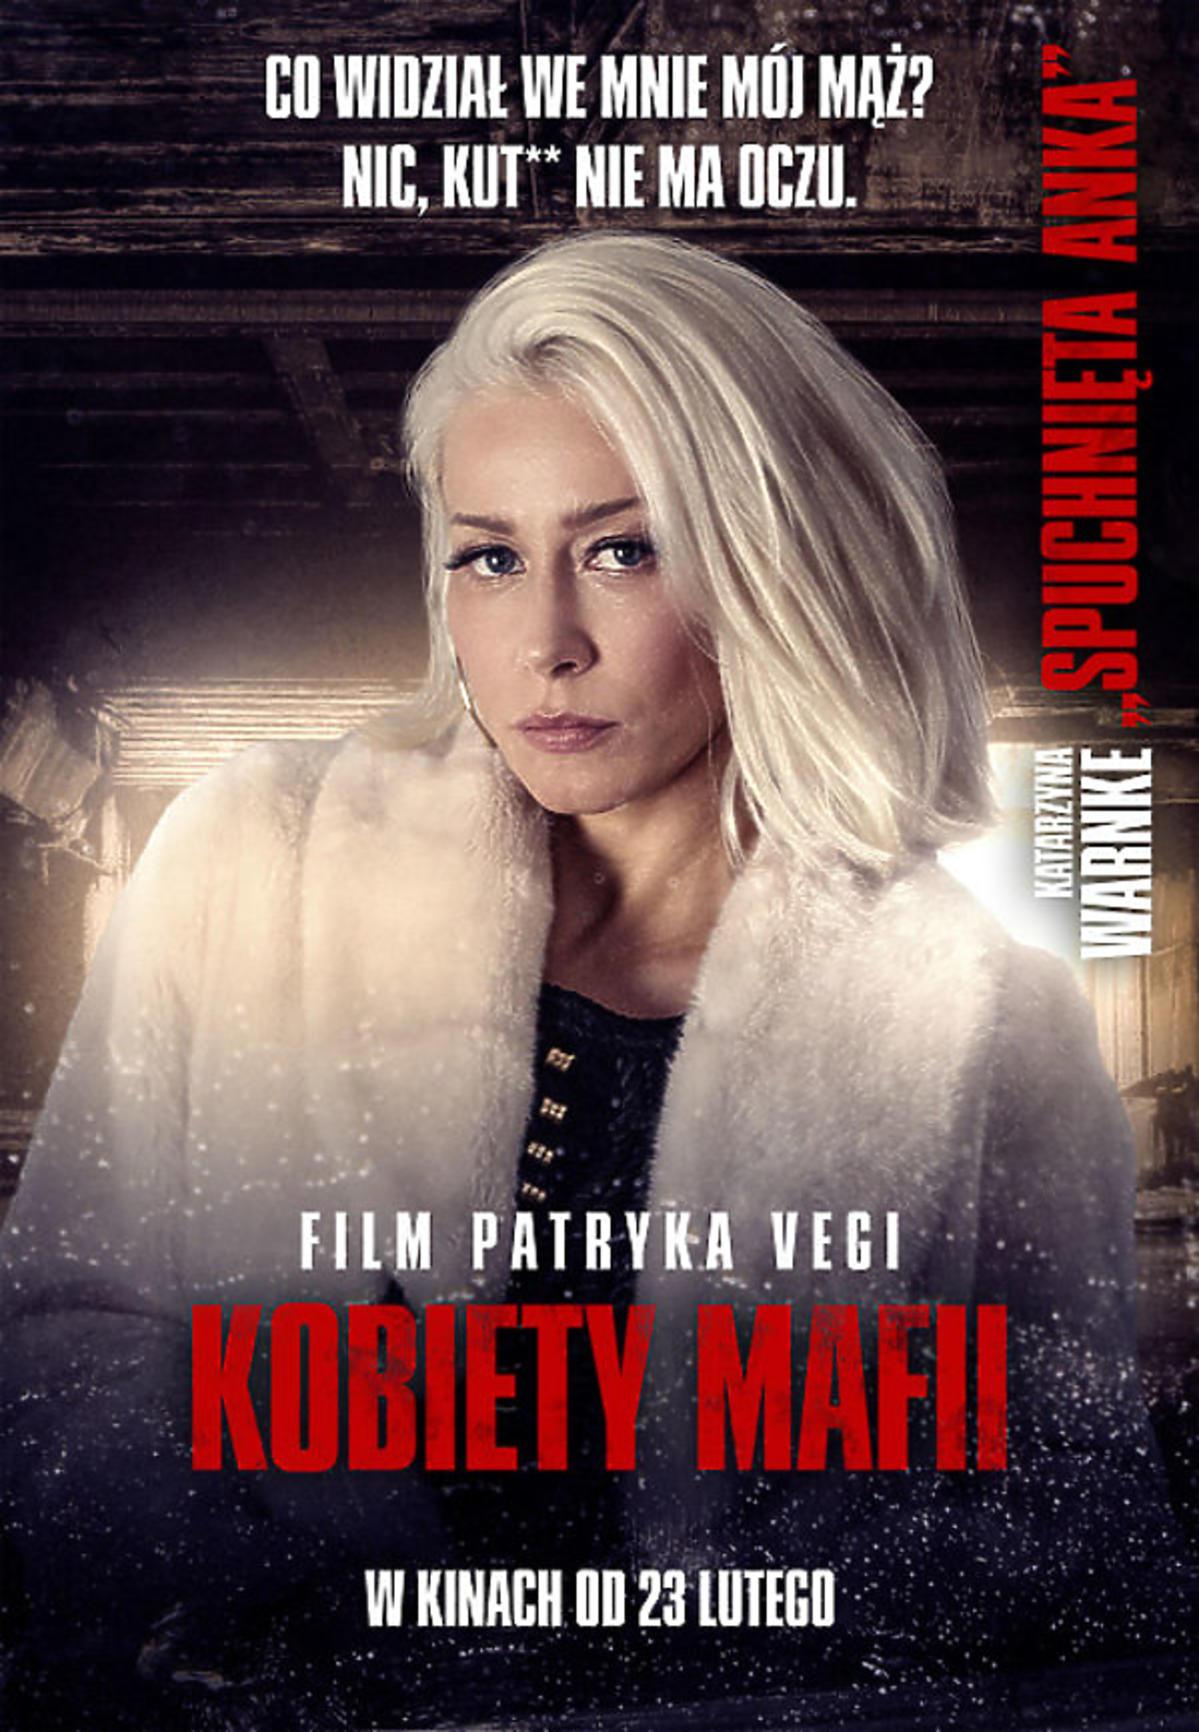 Kobiety mafii - Katarzyna Warnke na plakacie